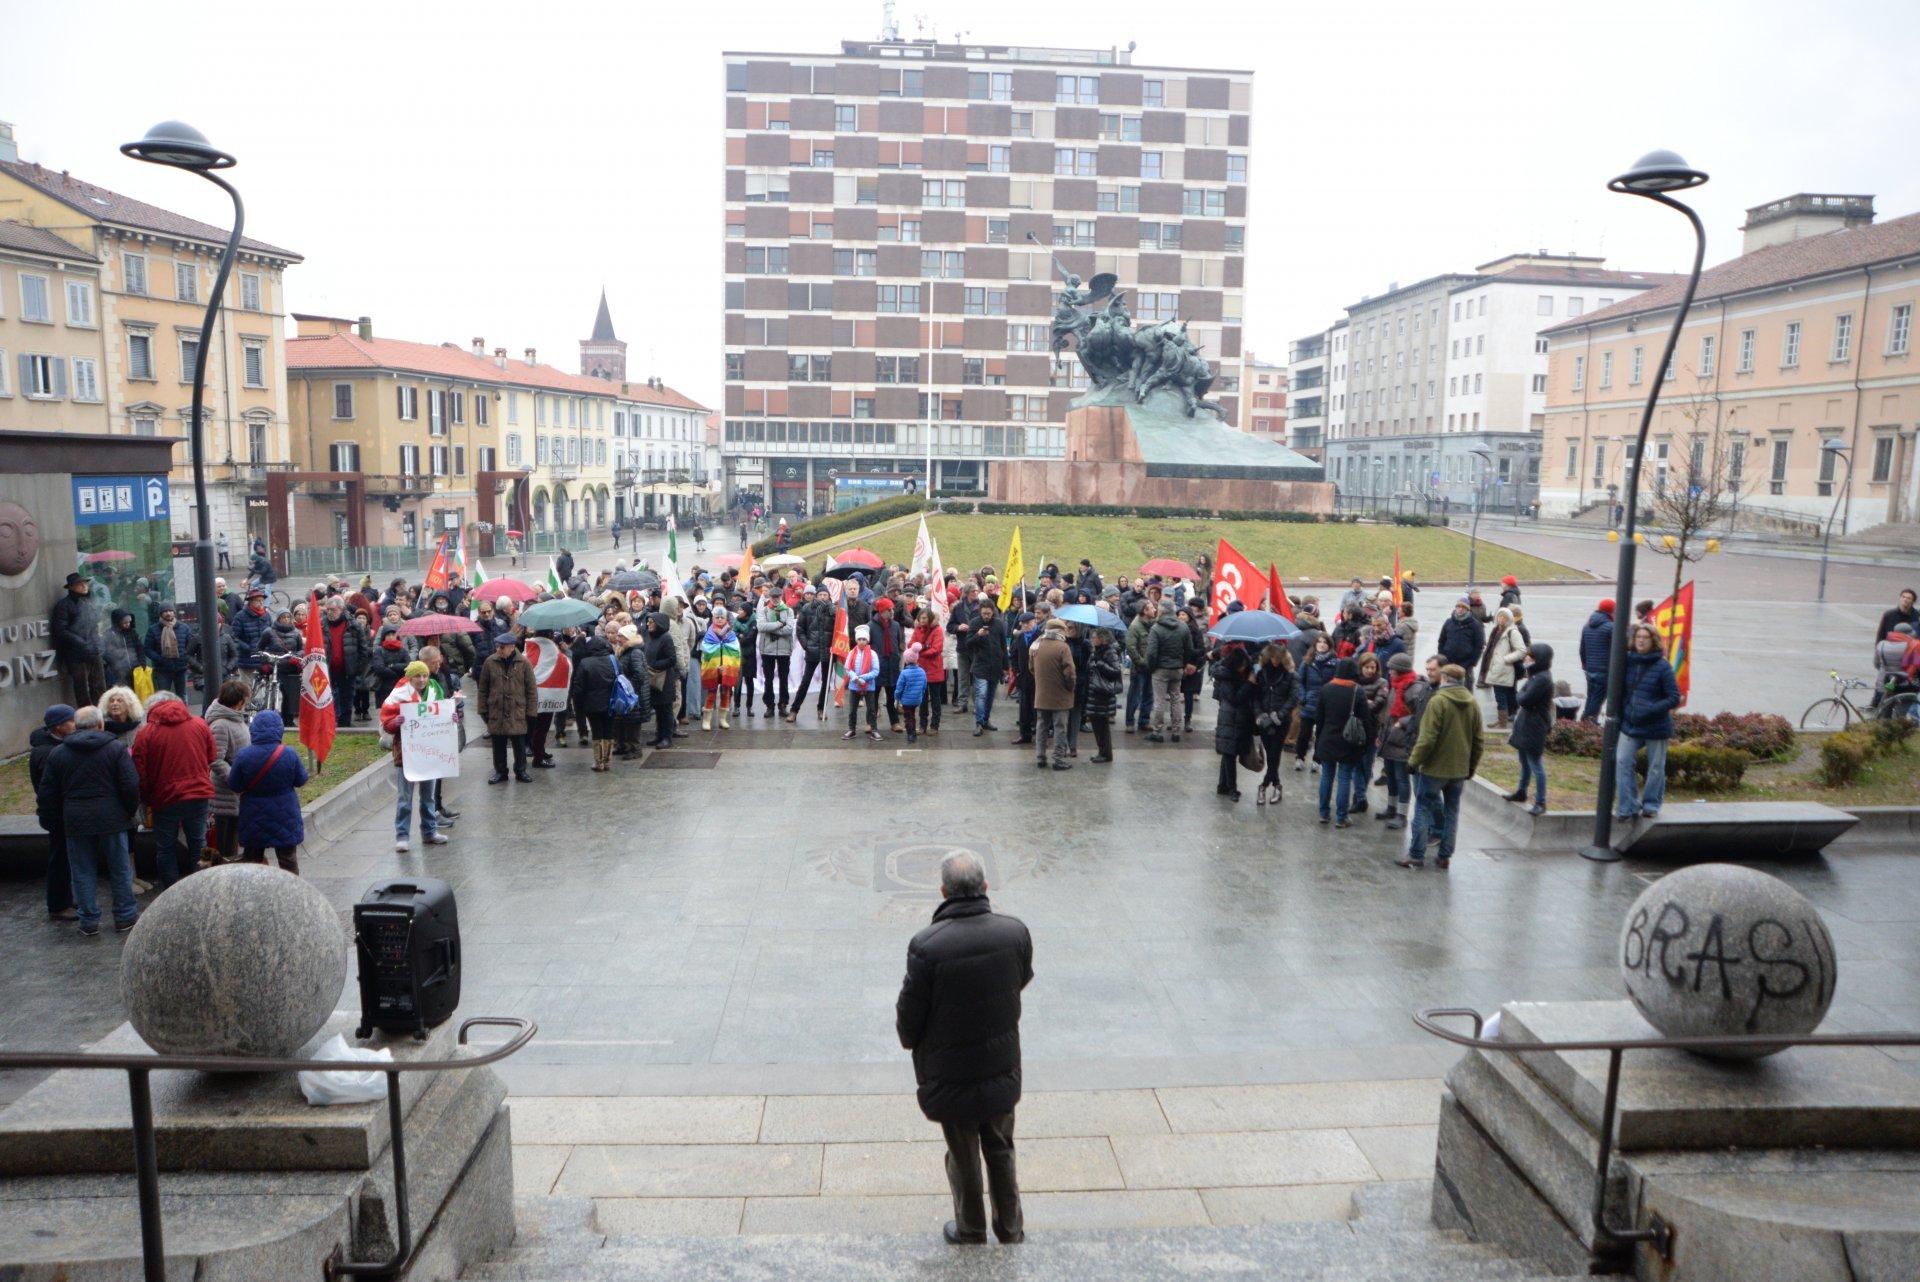 L'Italia che resiste, l'evento a Monza